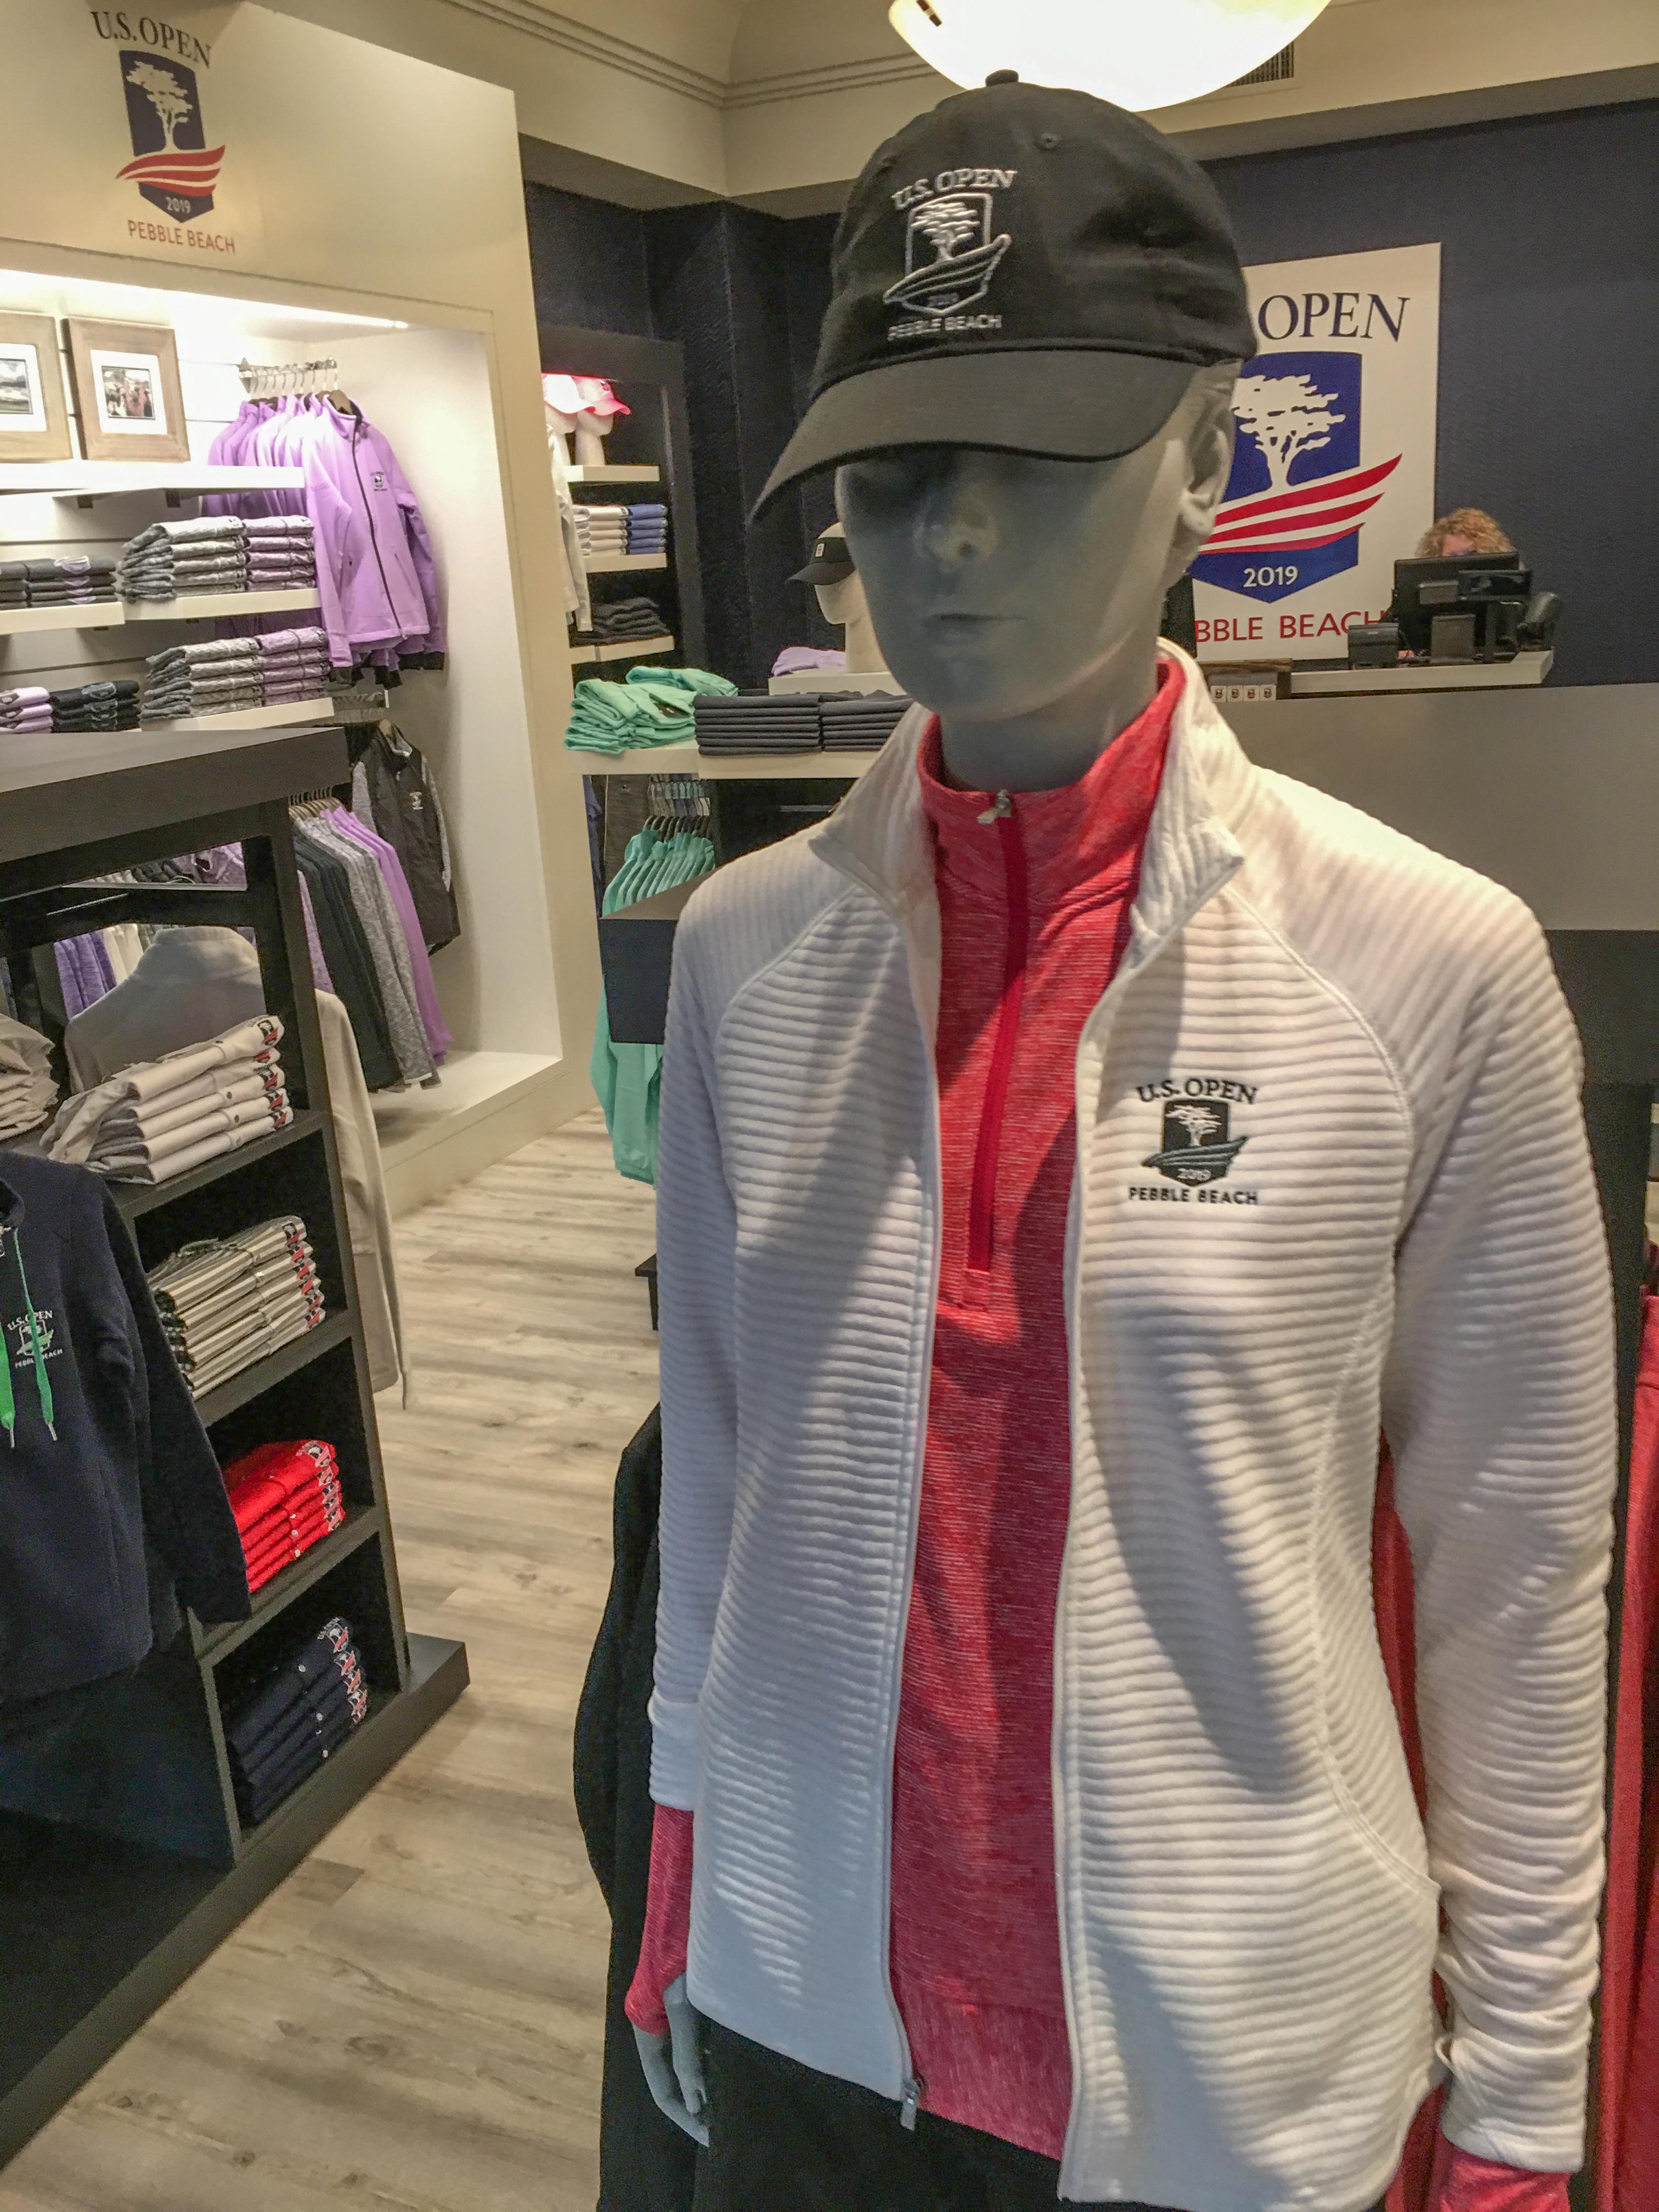 Women's Golf Apparel